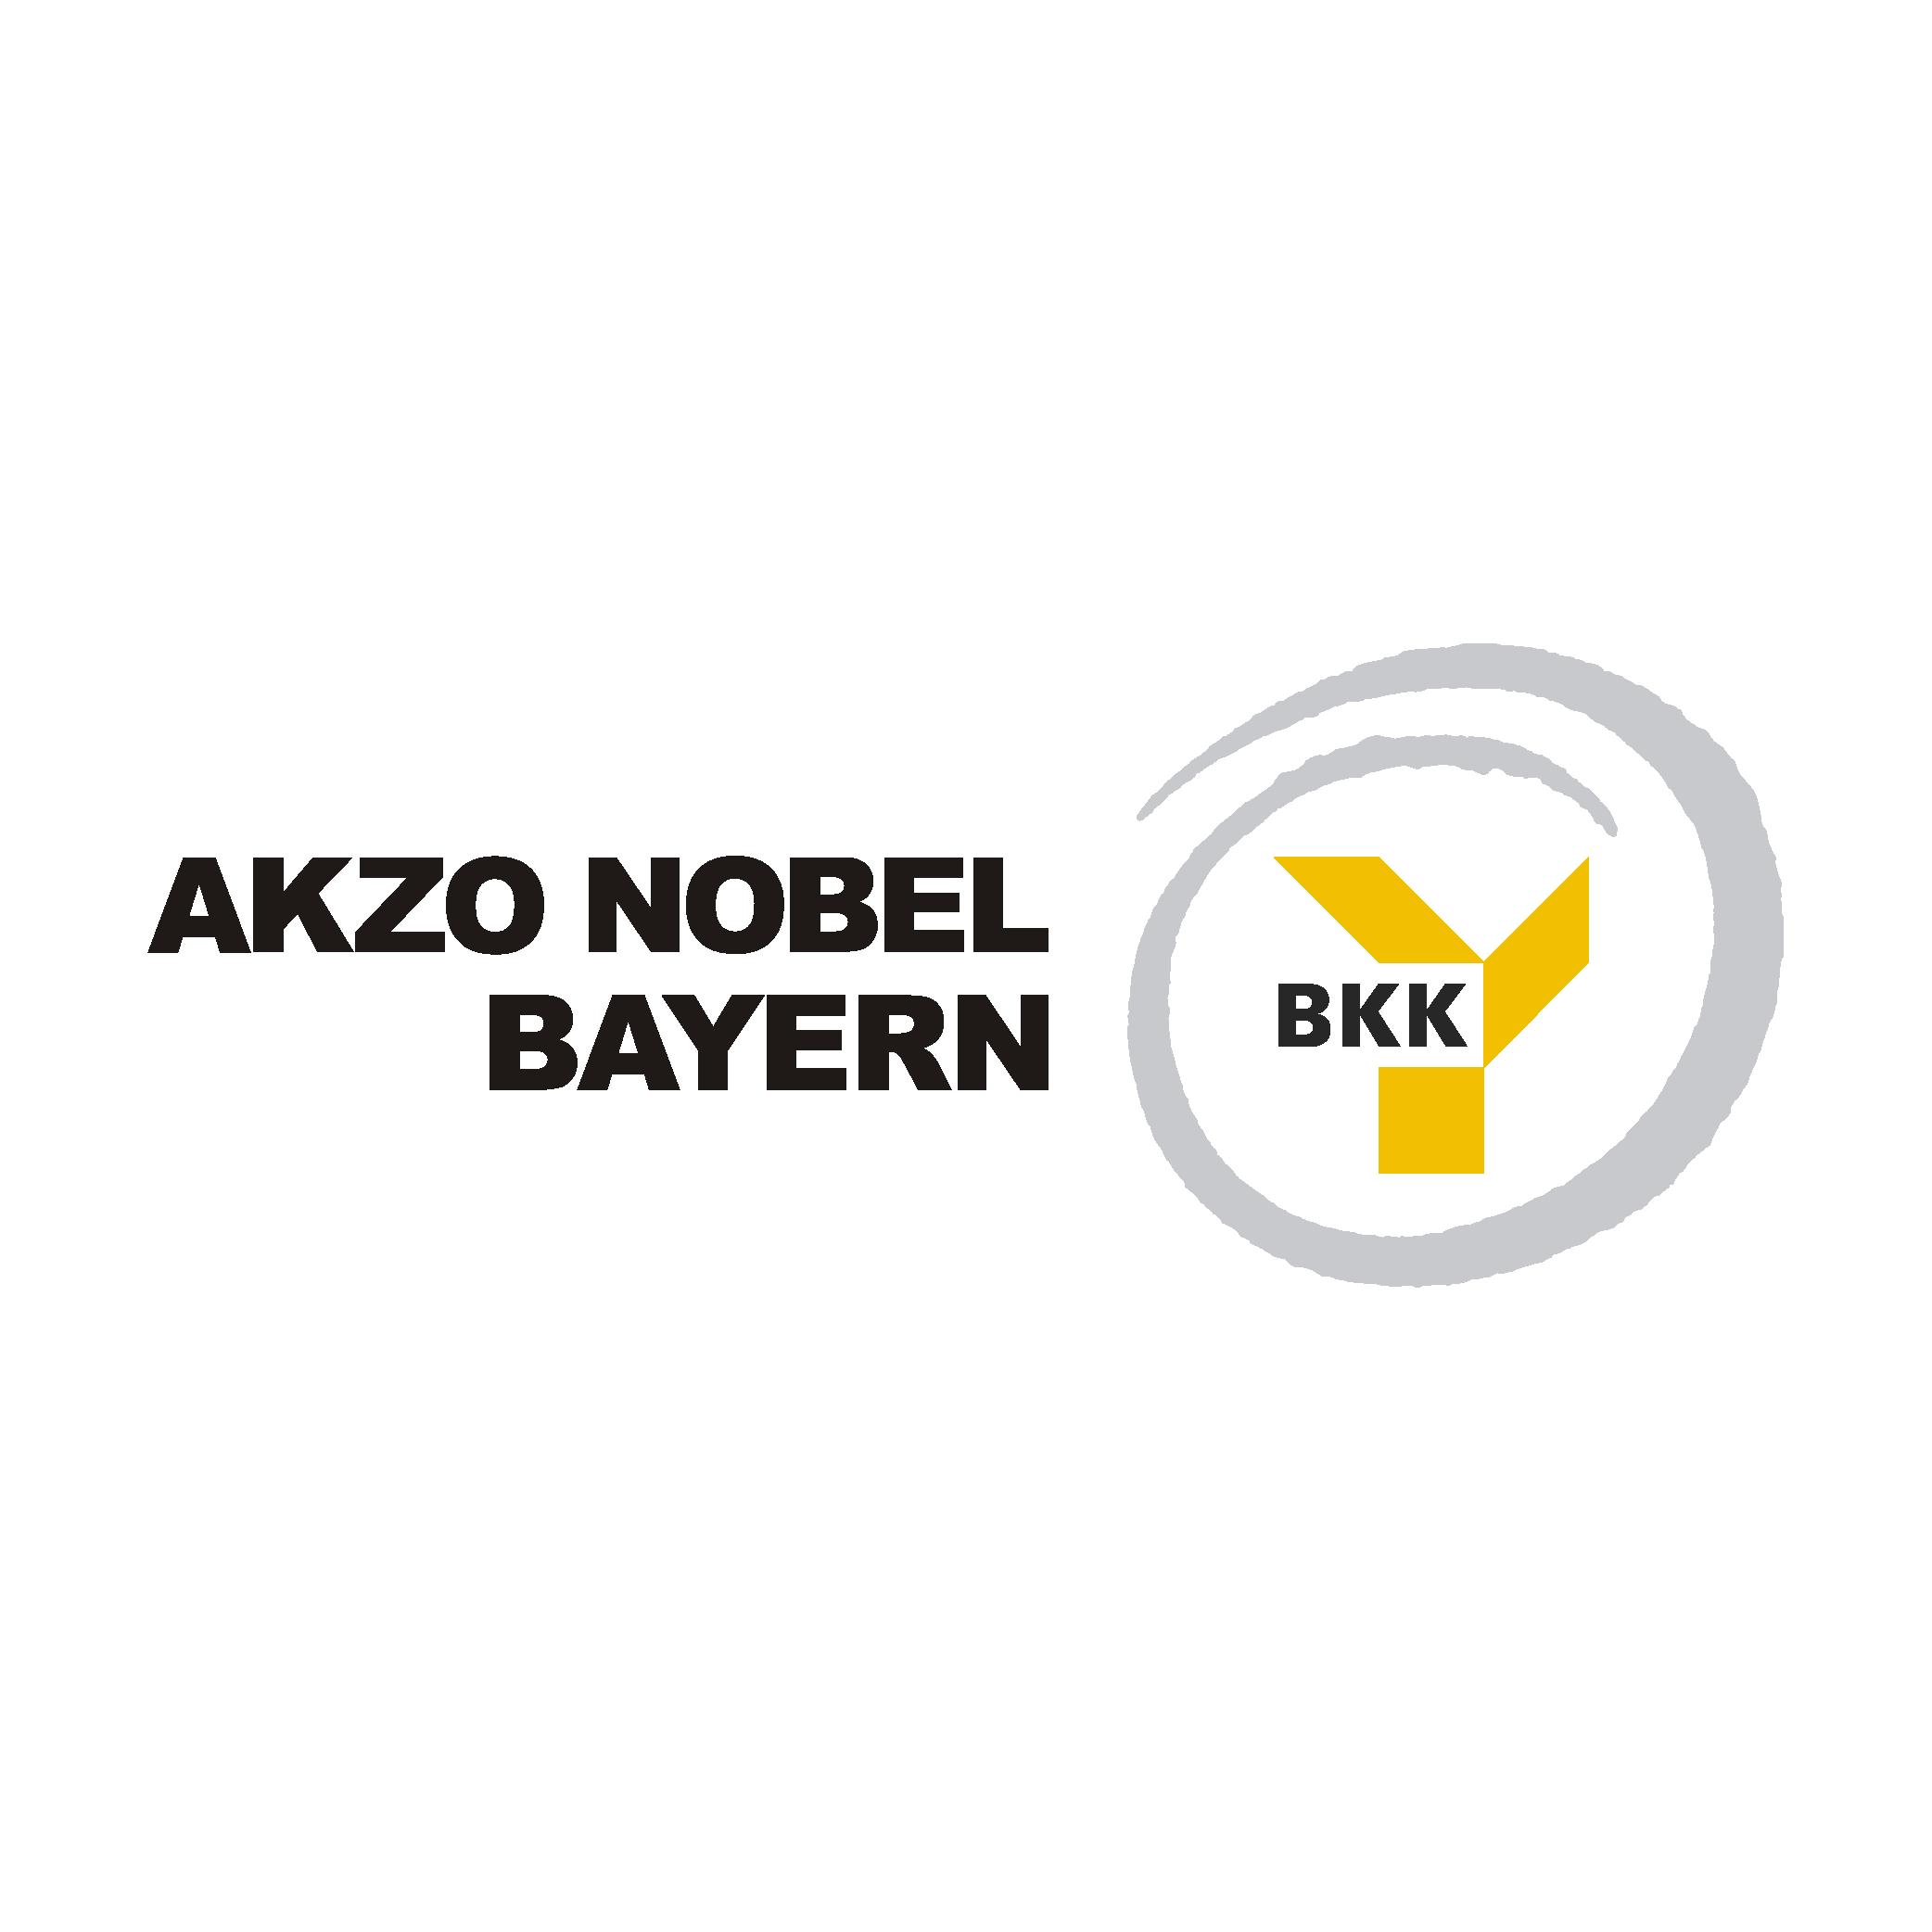 Markenzeichen der BKK Akzo Nobel Bayern